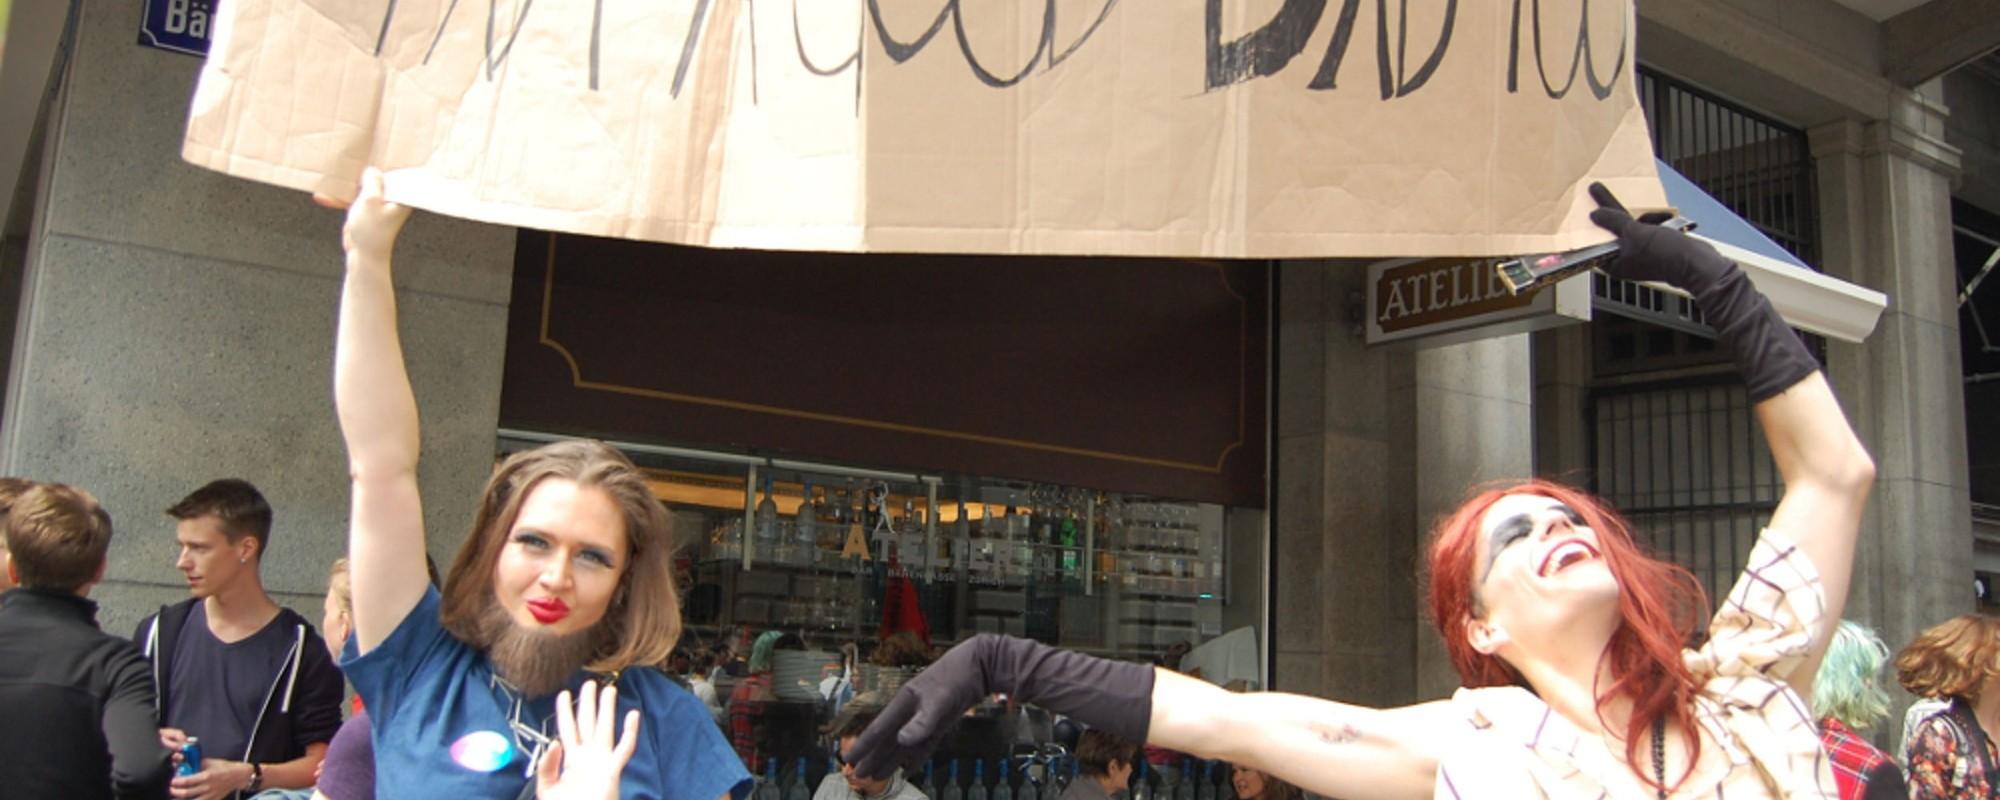 """Auch als """"Halb-Hete"""" hat mich die Zürich Pride dieses Jahr wieder glücklich gemacht"""